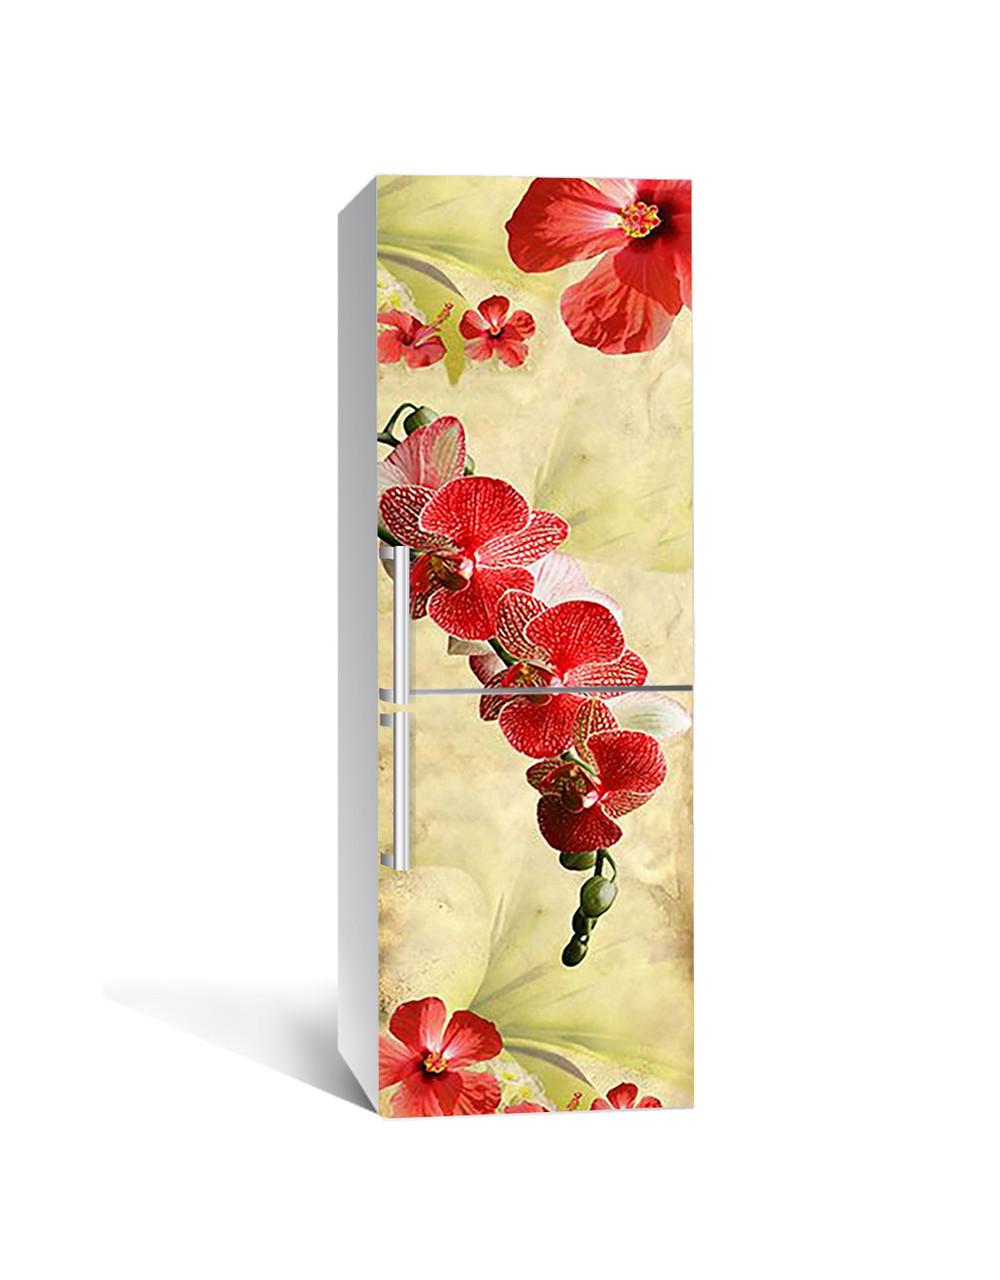 Інтер'єрна наклейка на холодильник Гілки Червоних Орхидей вінілова плівка ламінована ПВХ квіти Бежевий